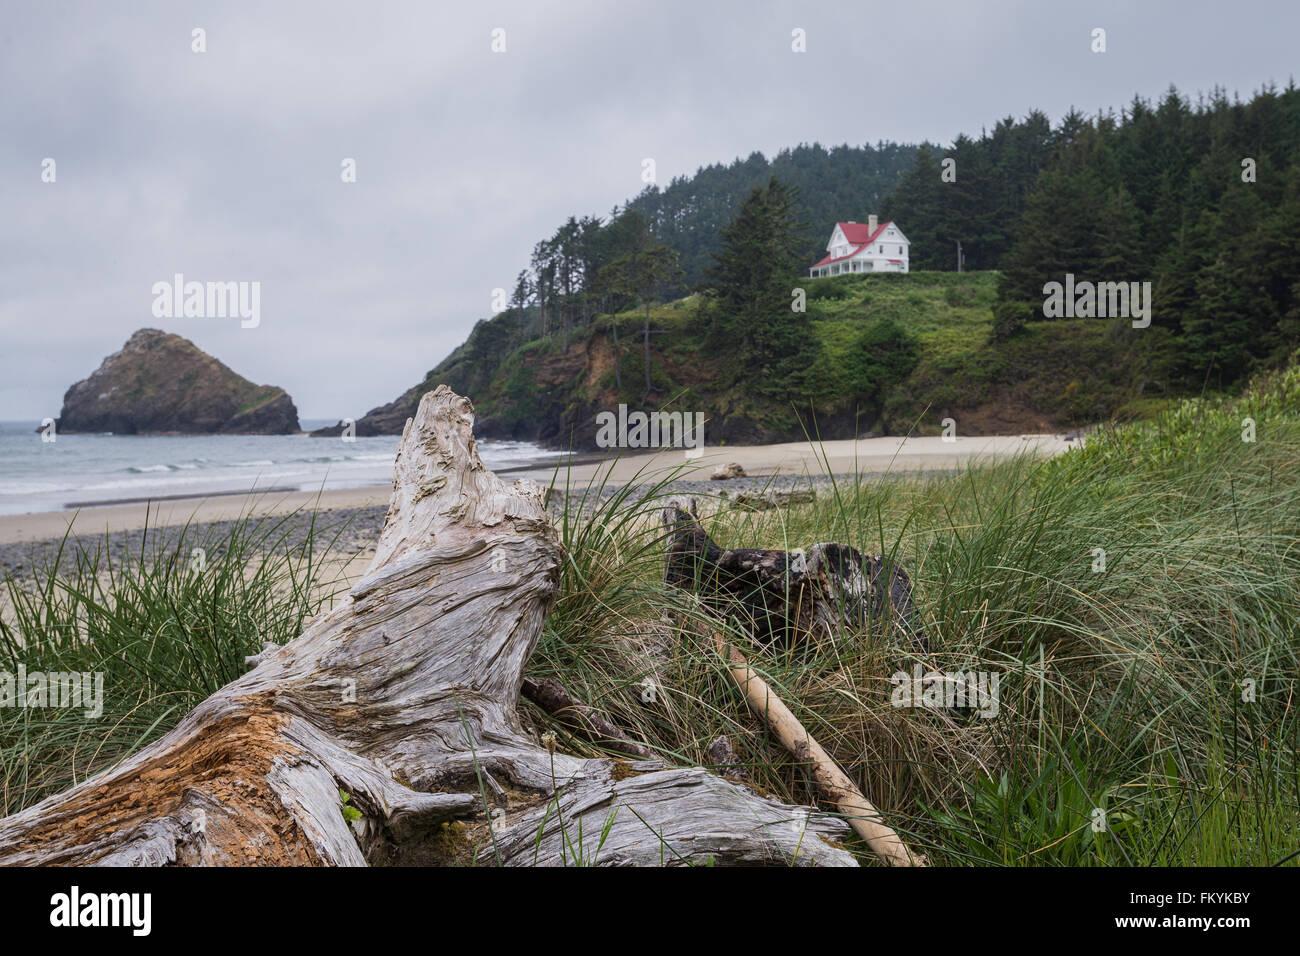 Ein großes Stück Treibholz unter Küsten Gräser macht einen perfekten Vordergrund des Teufels Stockbild